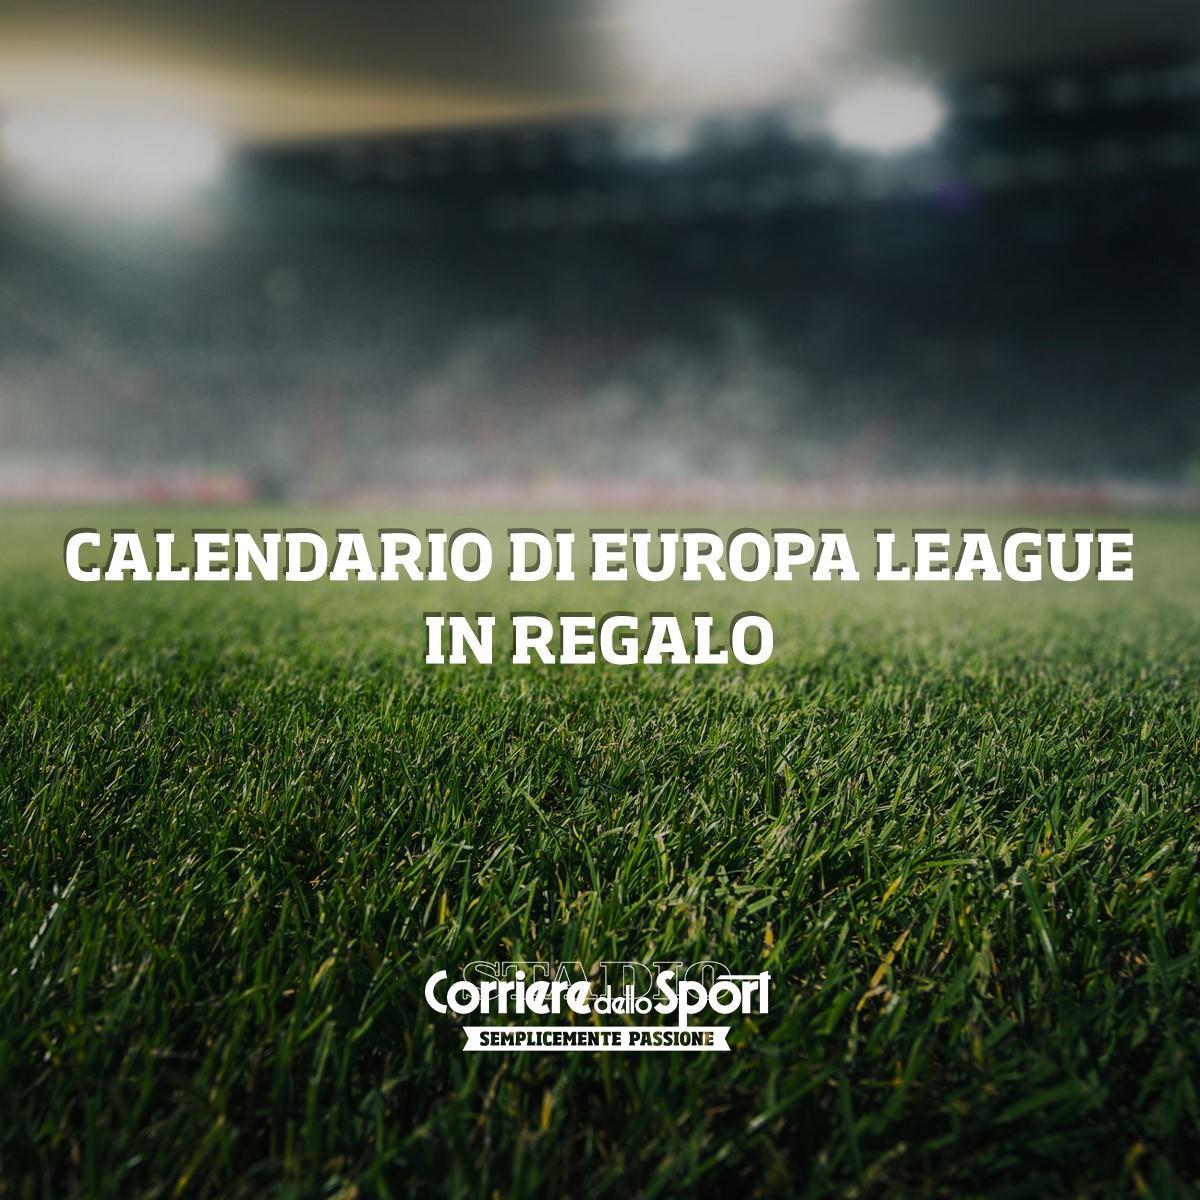 Corriere Dello Sport Calendario.Corriere Dello Sport On Twitter Il Calendario Di